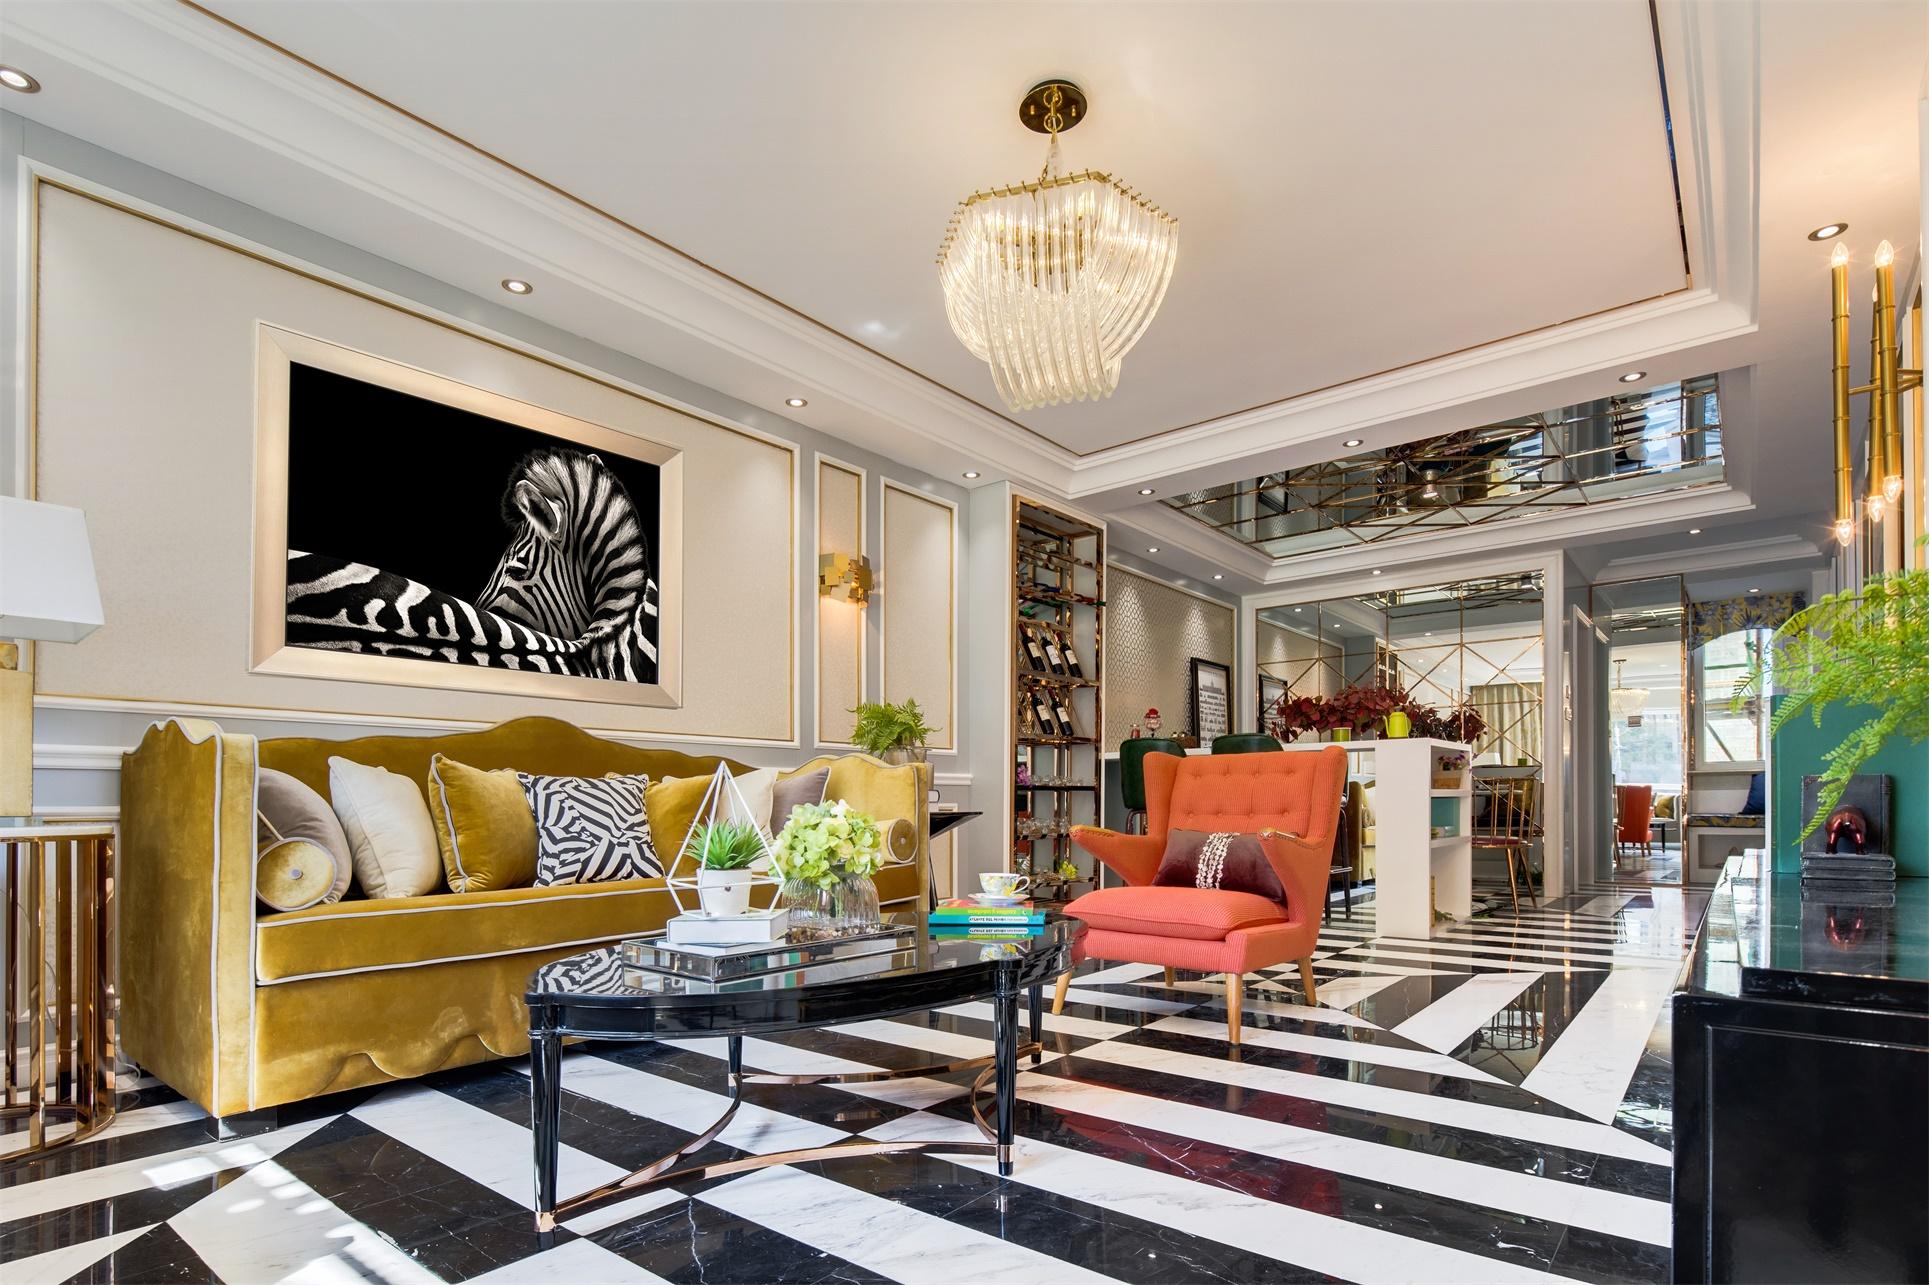 客厅动感十足,金色丝绒沙发与空间色调激烈碰撞,整体视觉精致婉约。